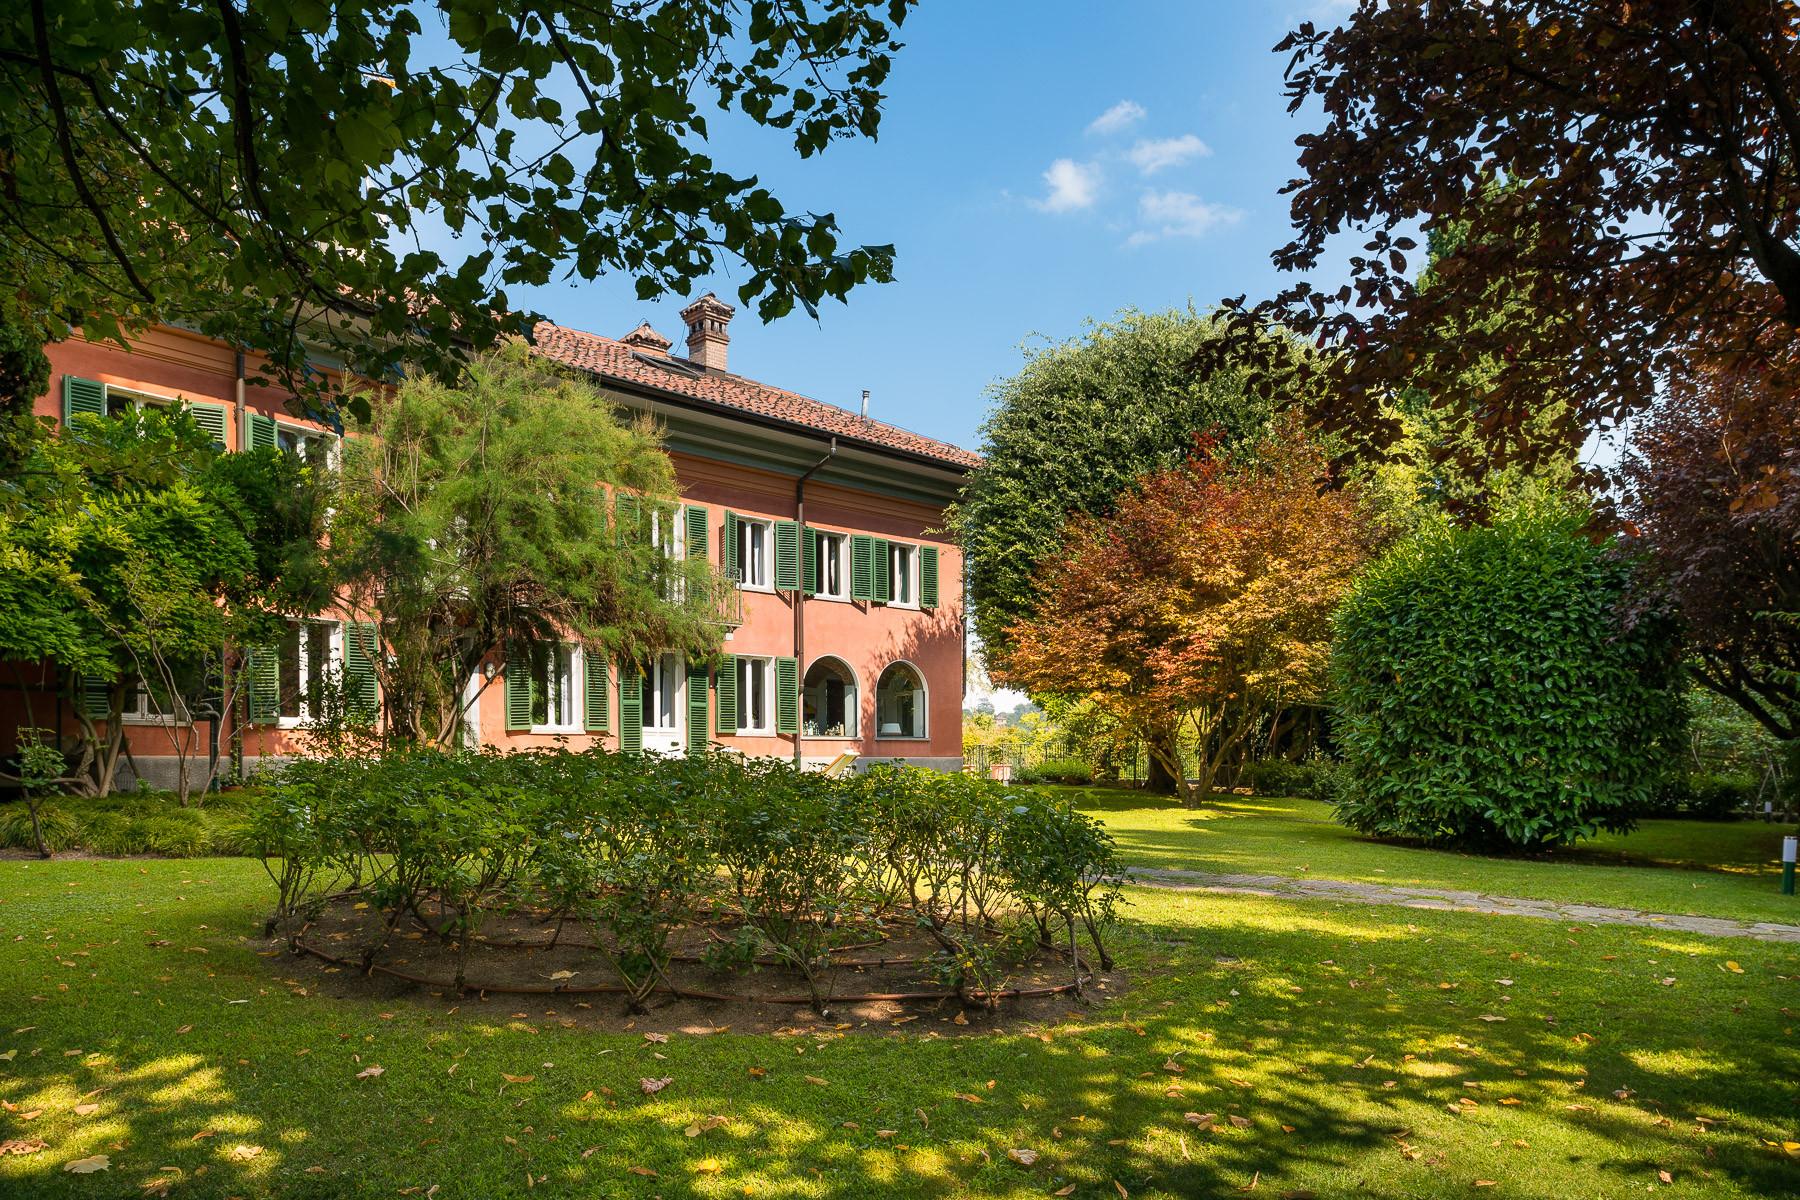 Villa in Vendita a Torino strada comunale santa margherita